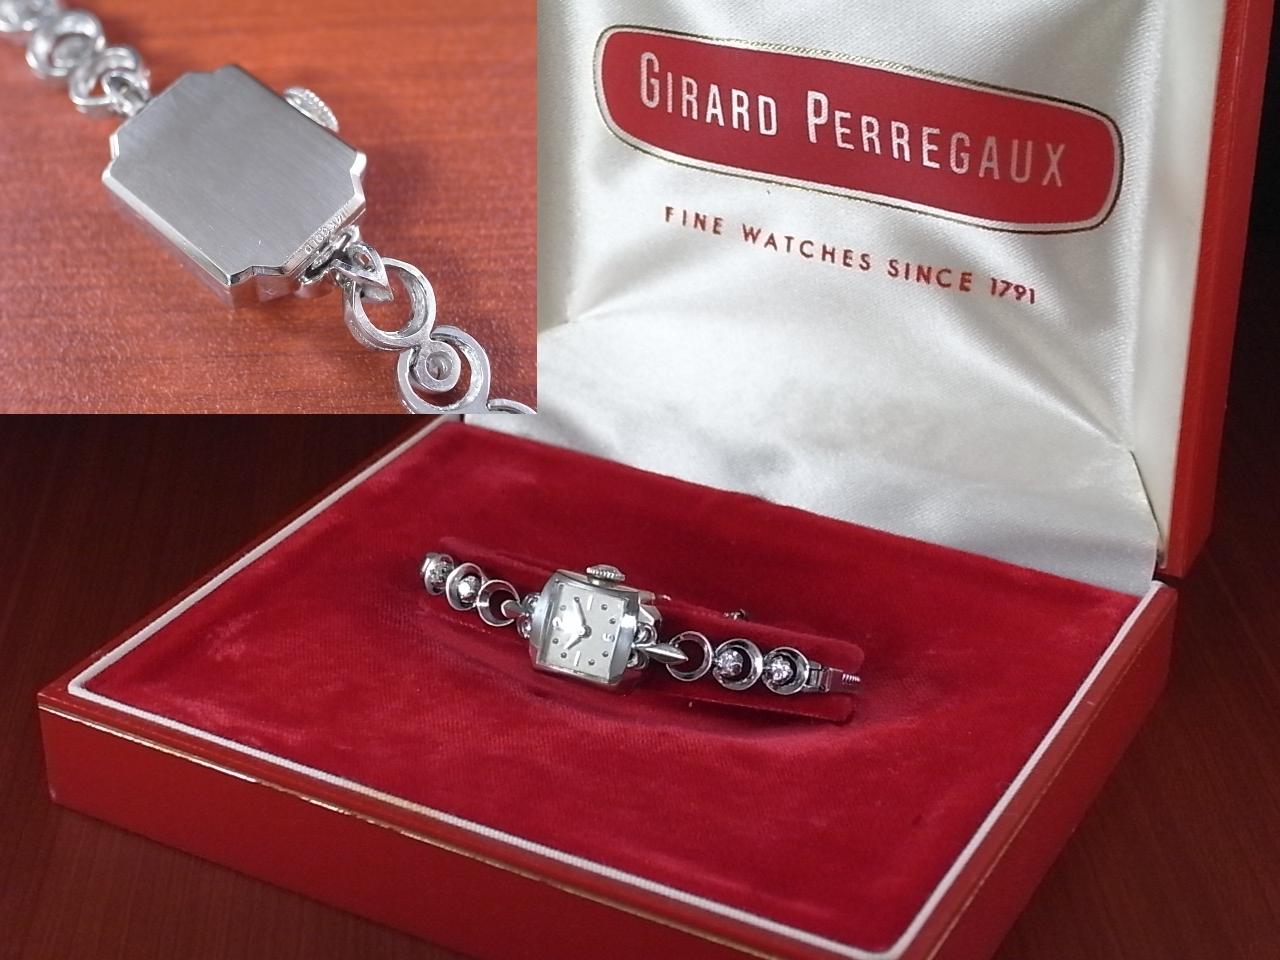 ジラール・ペルゴ レディス 14KWG ダイヤモンドの写真4枚目